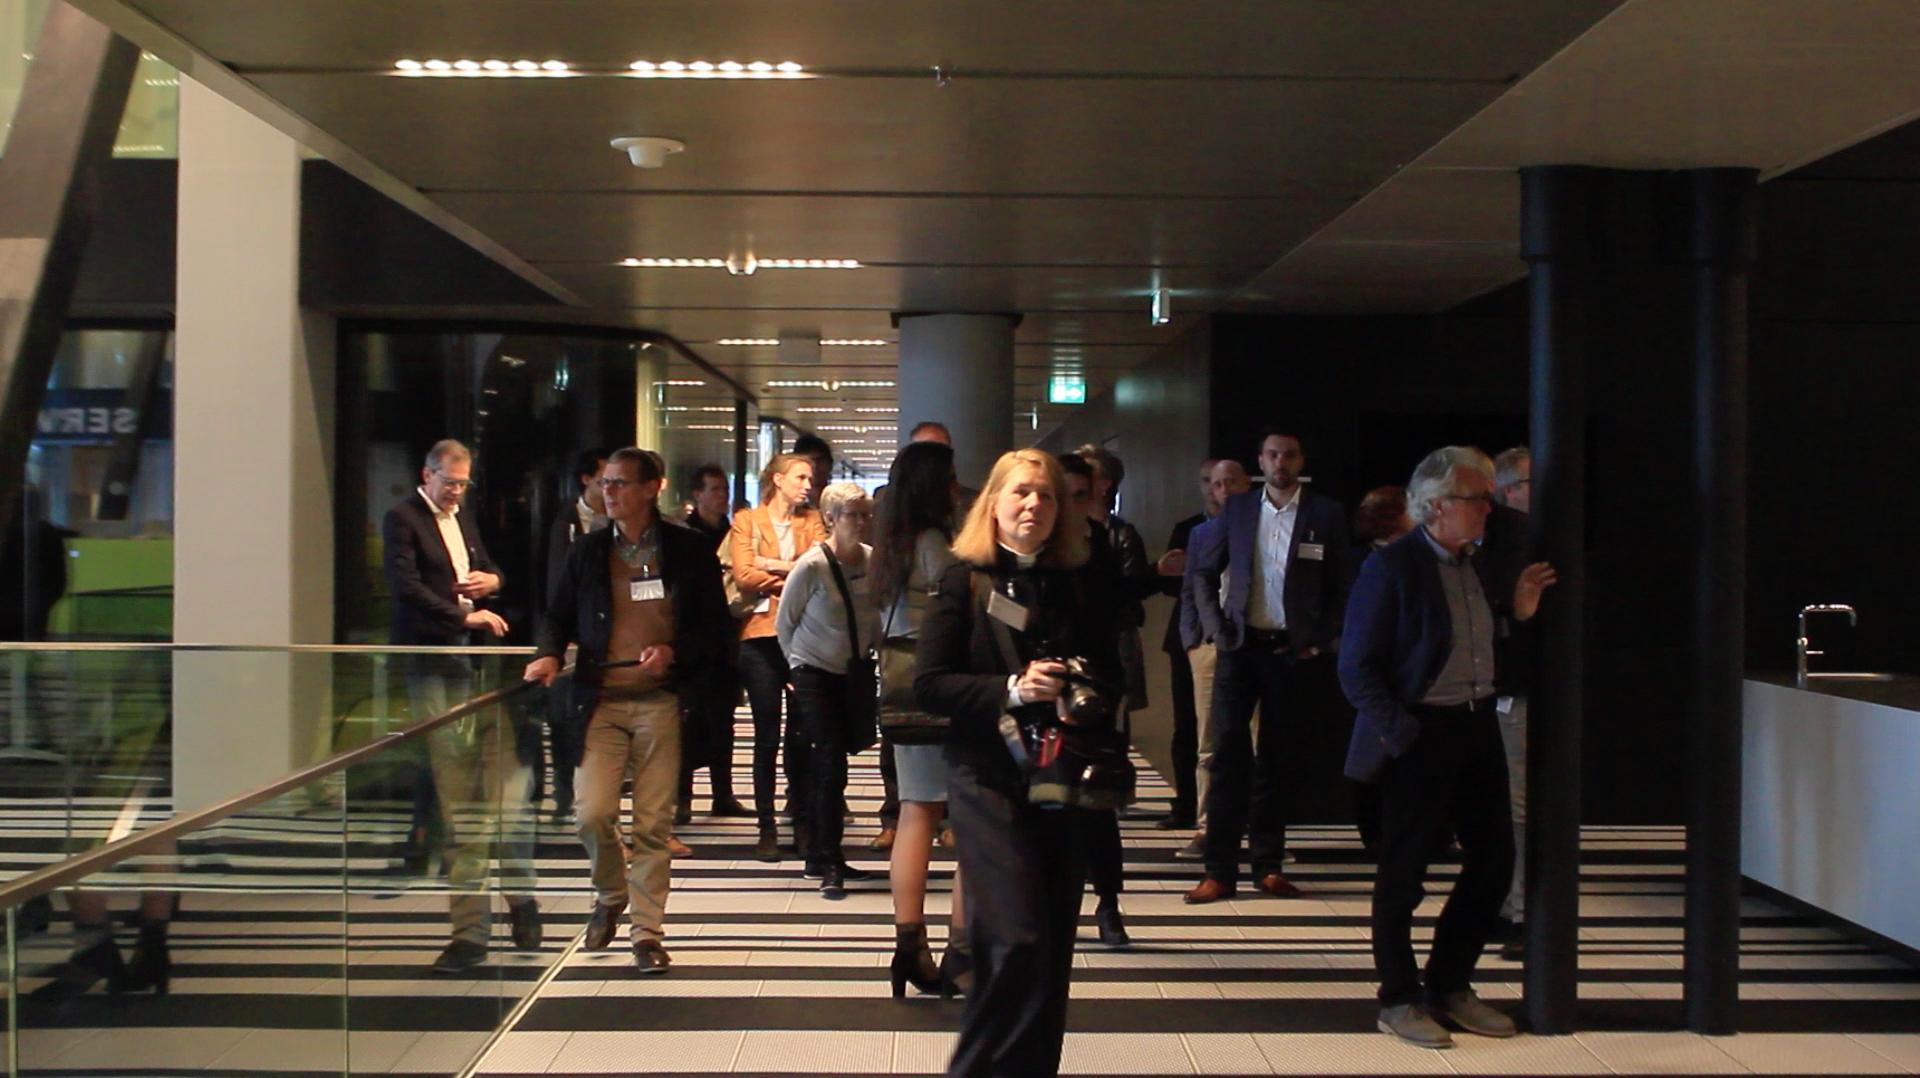 <p>De verbreding van de gangen versterken de ruimtelijke ervaring van Rijnstraat 8. </p>